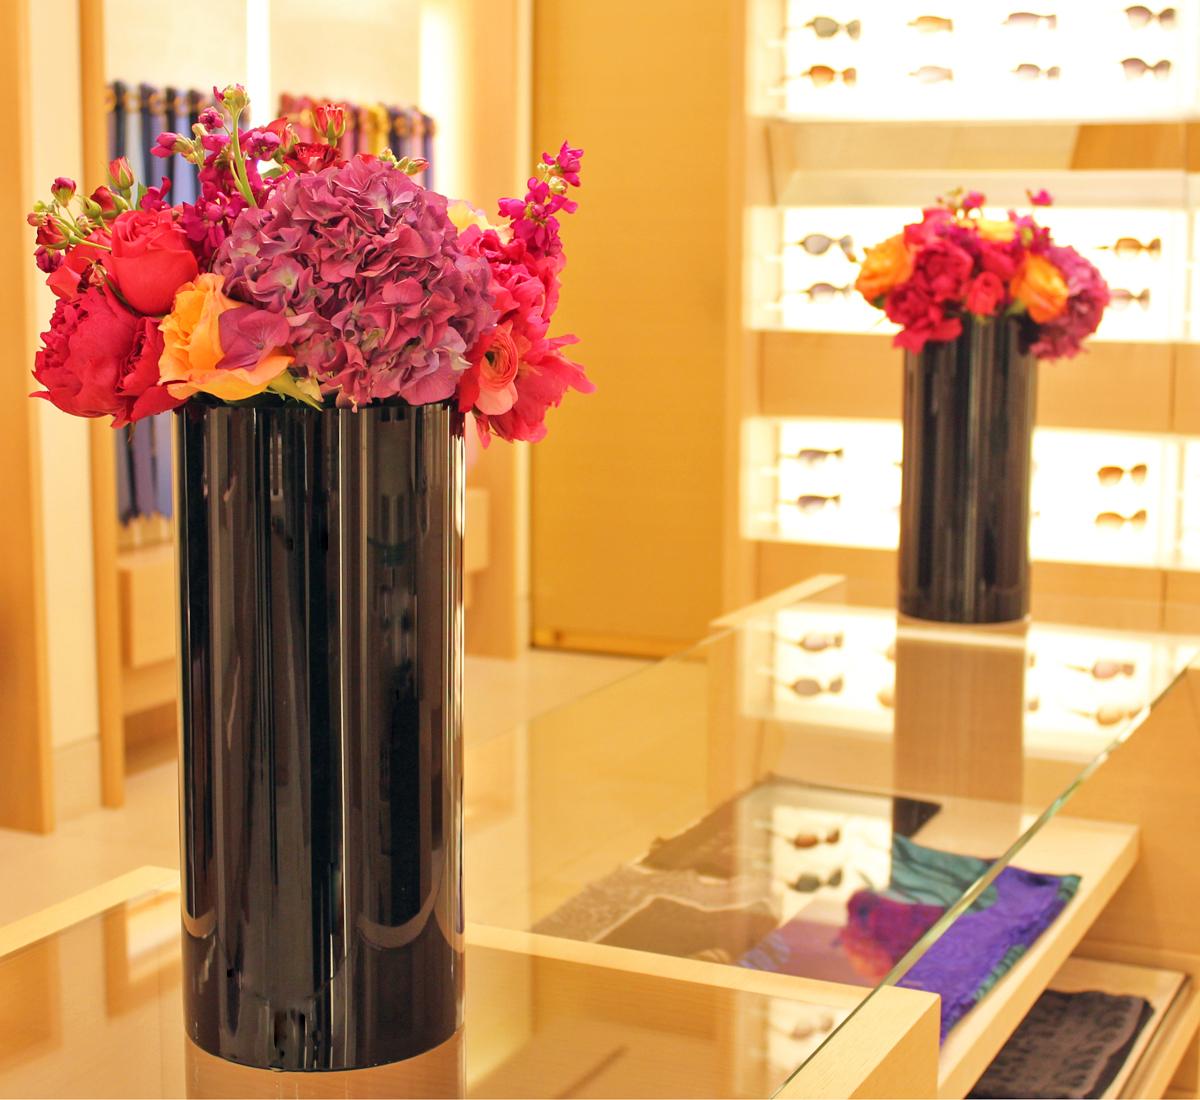 jewel-tone-flowers-5